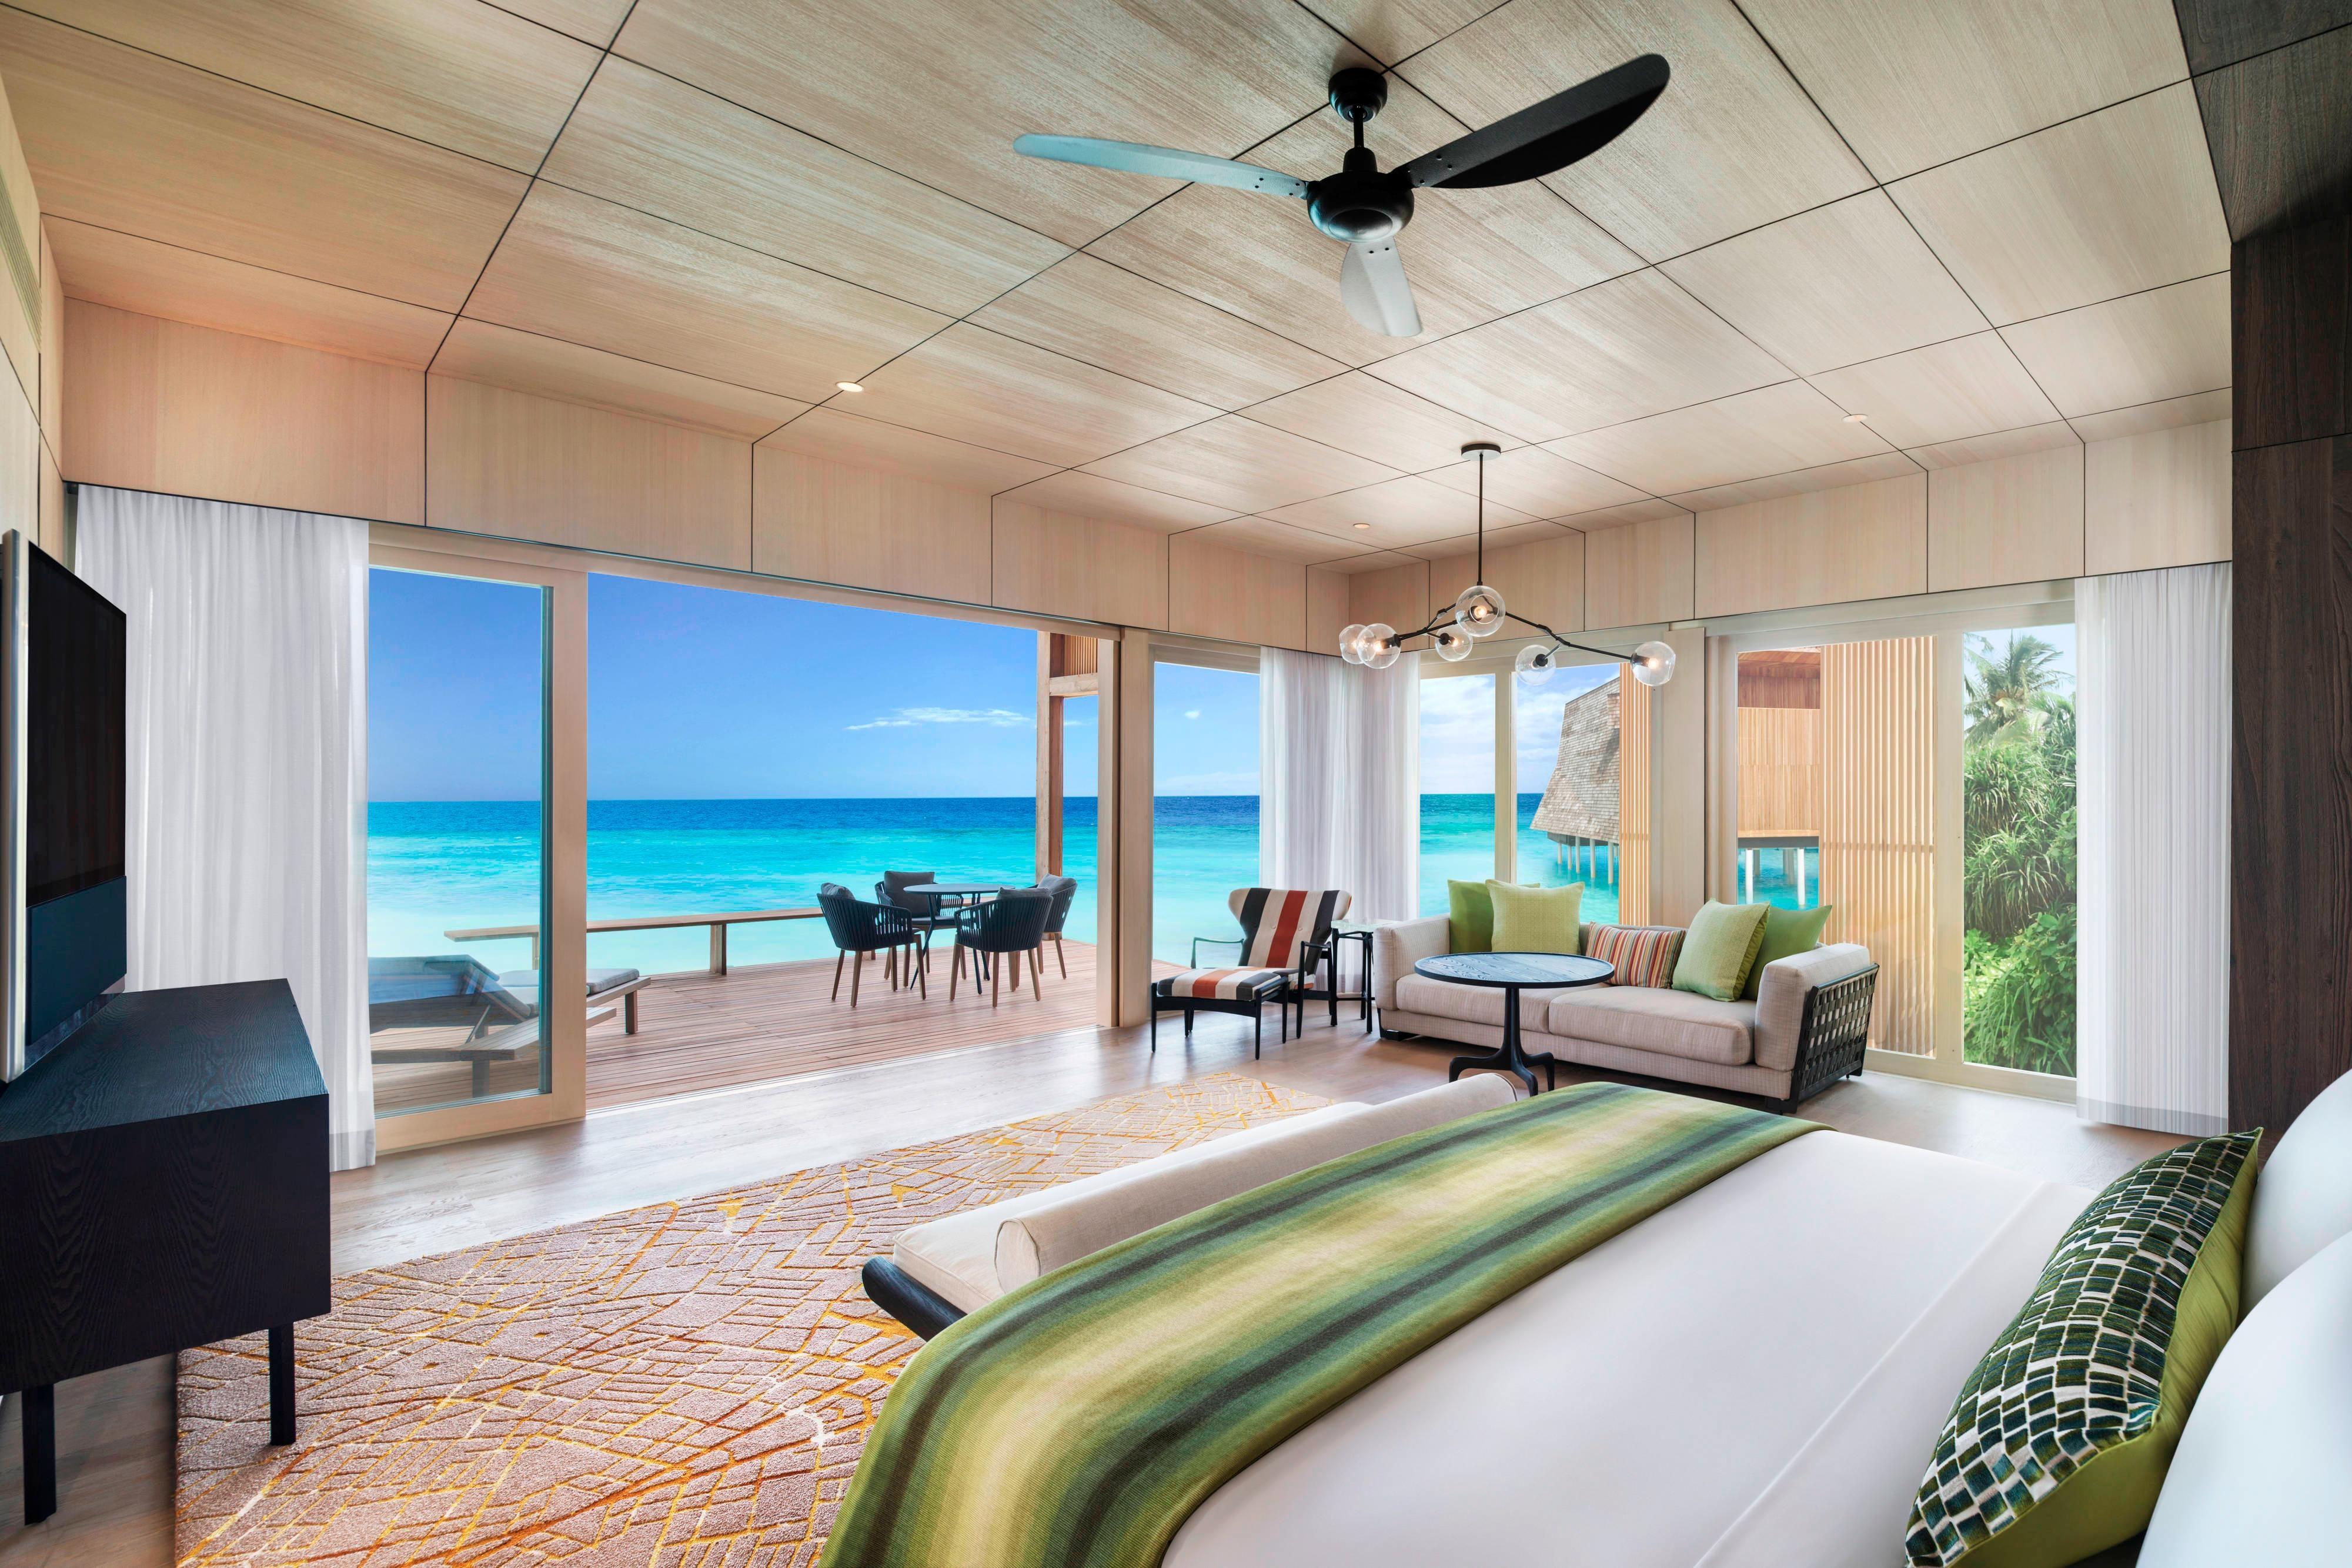 Villa familiarecon due camere da letto e spiaggia - Camera da letto principale